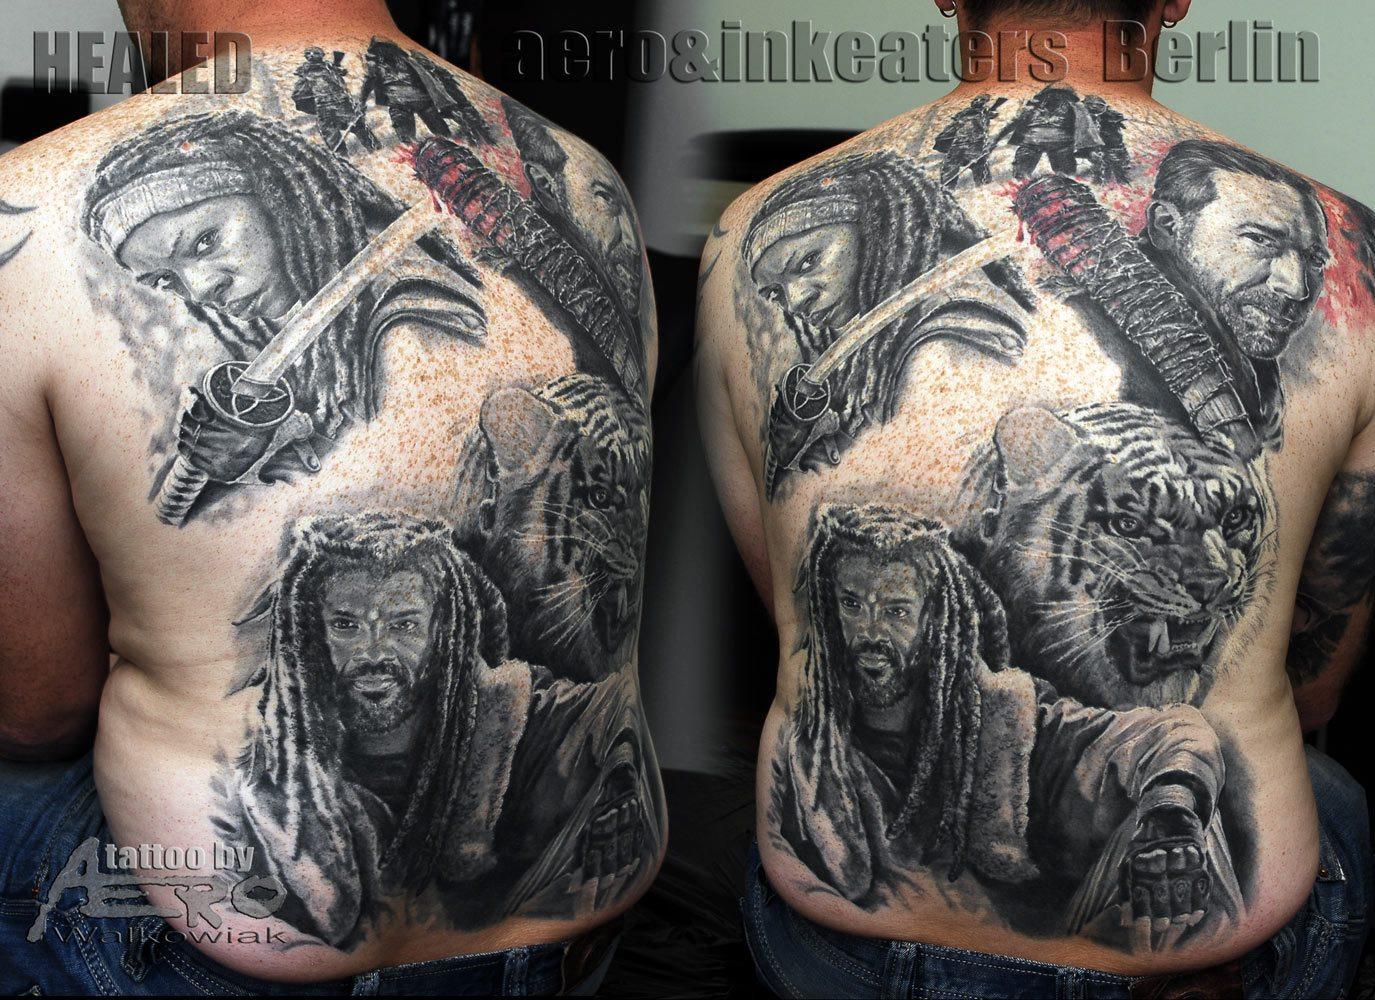 Rücken Tattoo mit mehren Details: Verschiedene Menschen und ein Tiger